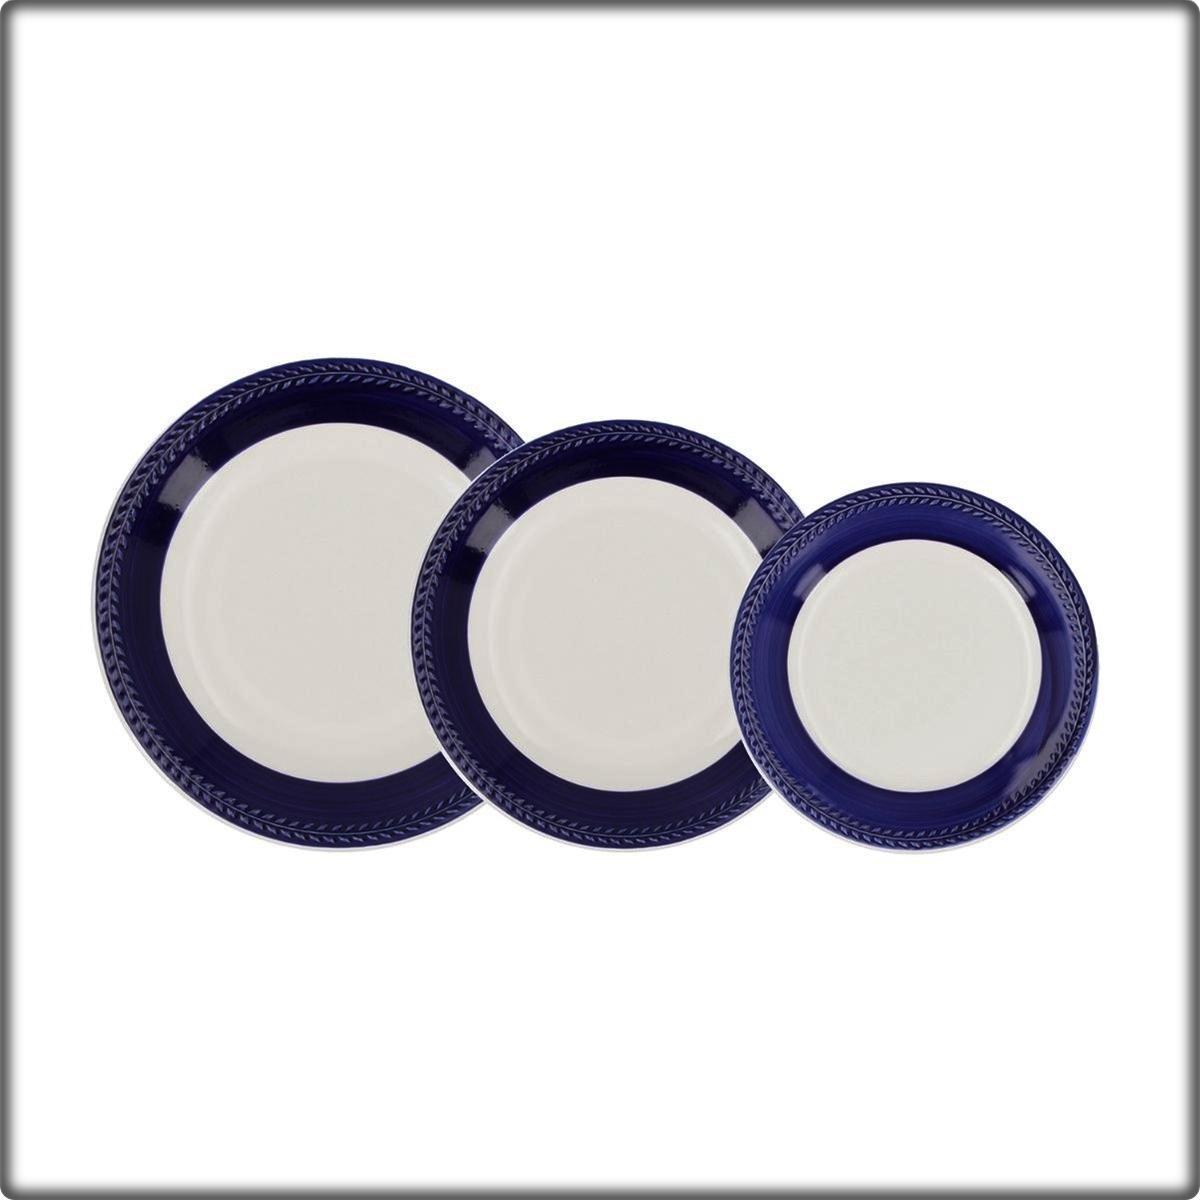 Vajilla Donna Azul Ceramich Itlia Caja 18 piezas